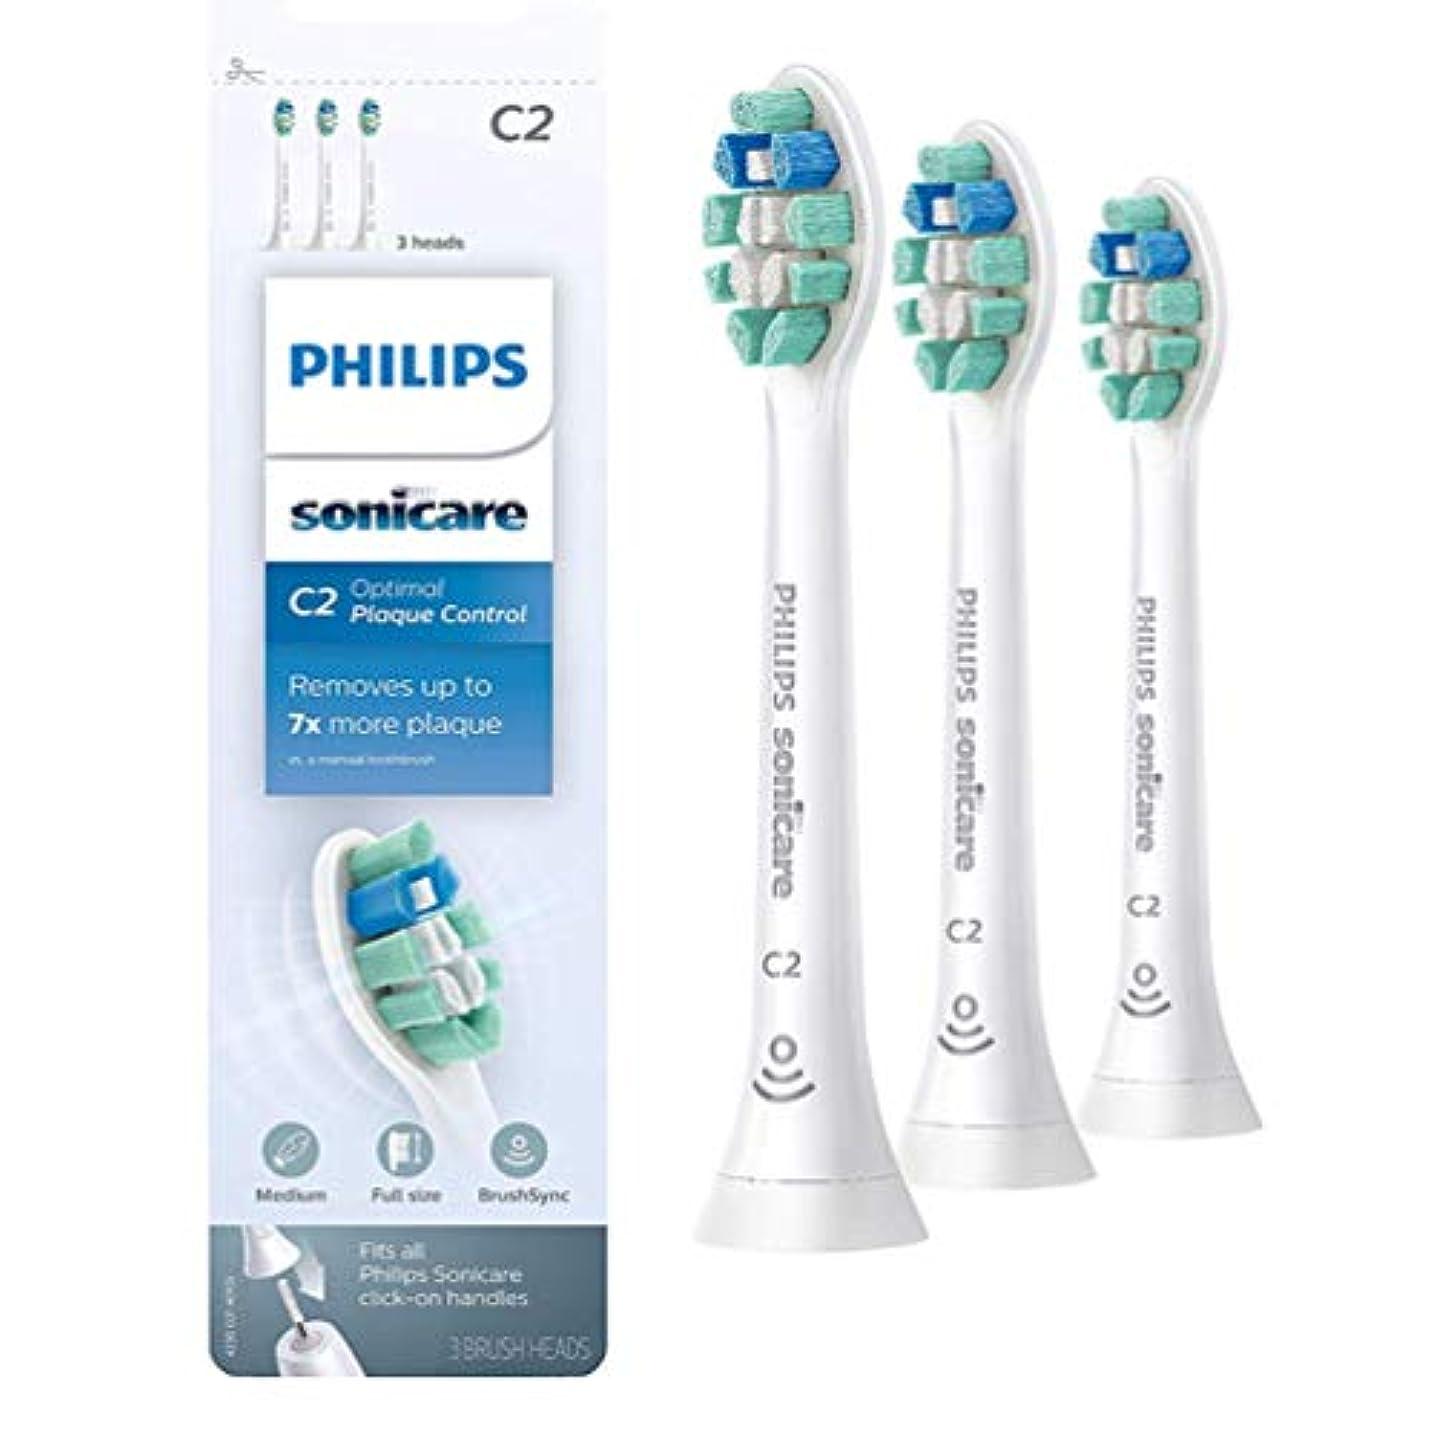 安らぎ免除するコンセンサス(正規品)Philips Sonicareソニッケアークリーンプラス (旧プラークディフェンス)電動歯ブラシHX9023 3本組